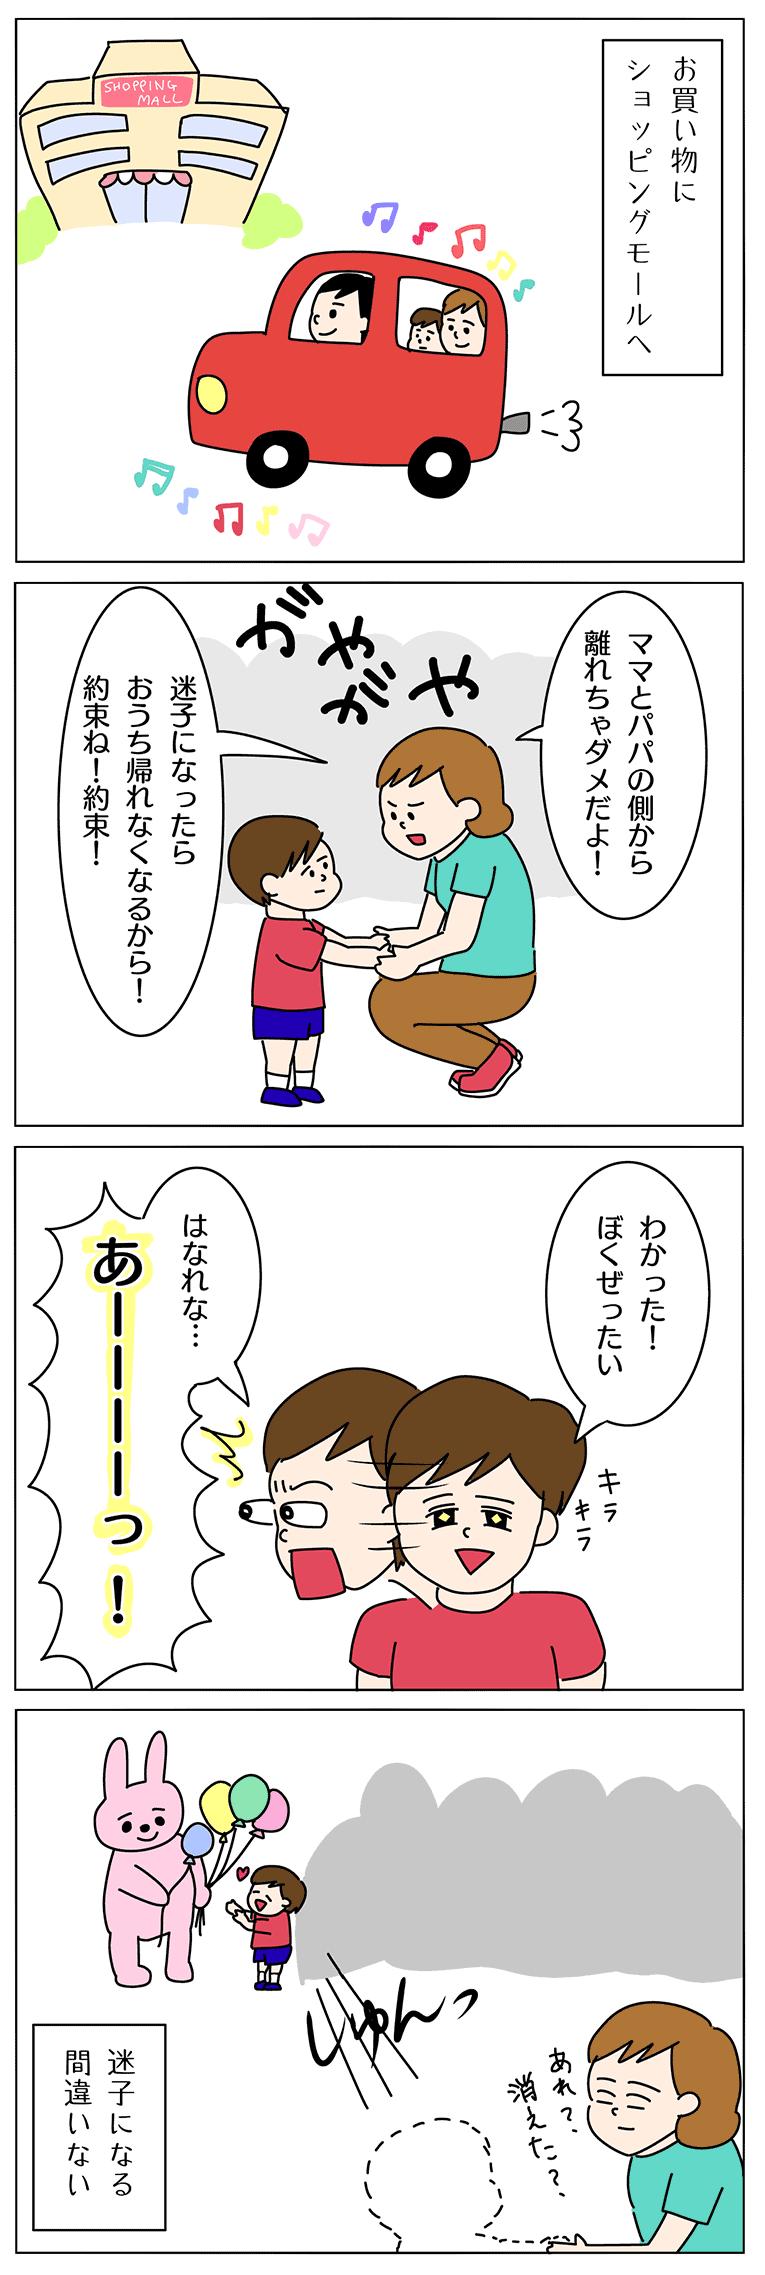 子供の迷子についての子育て4コマ漫画